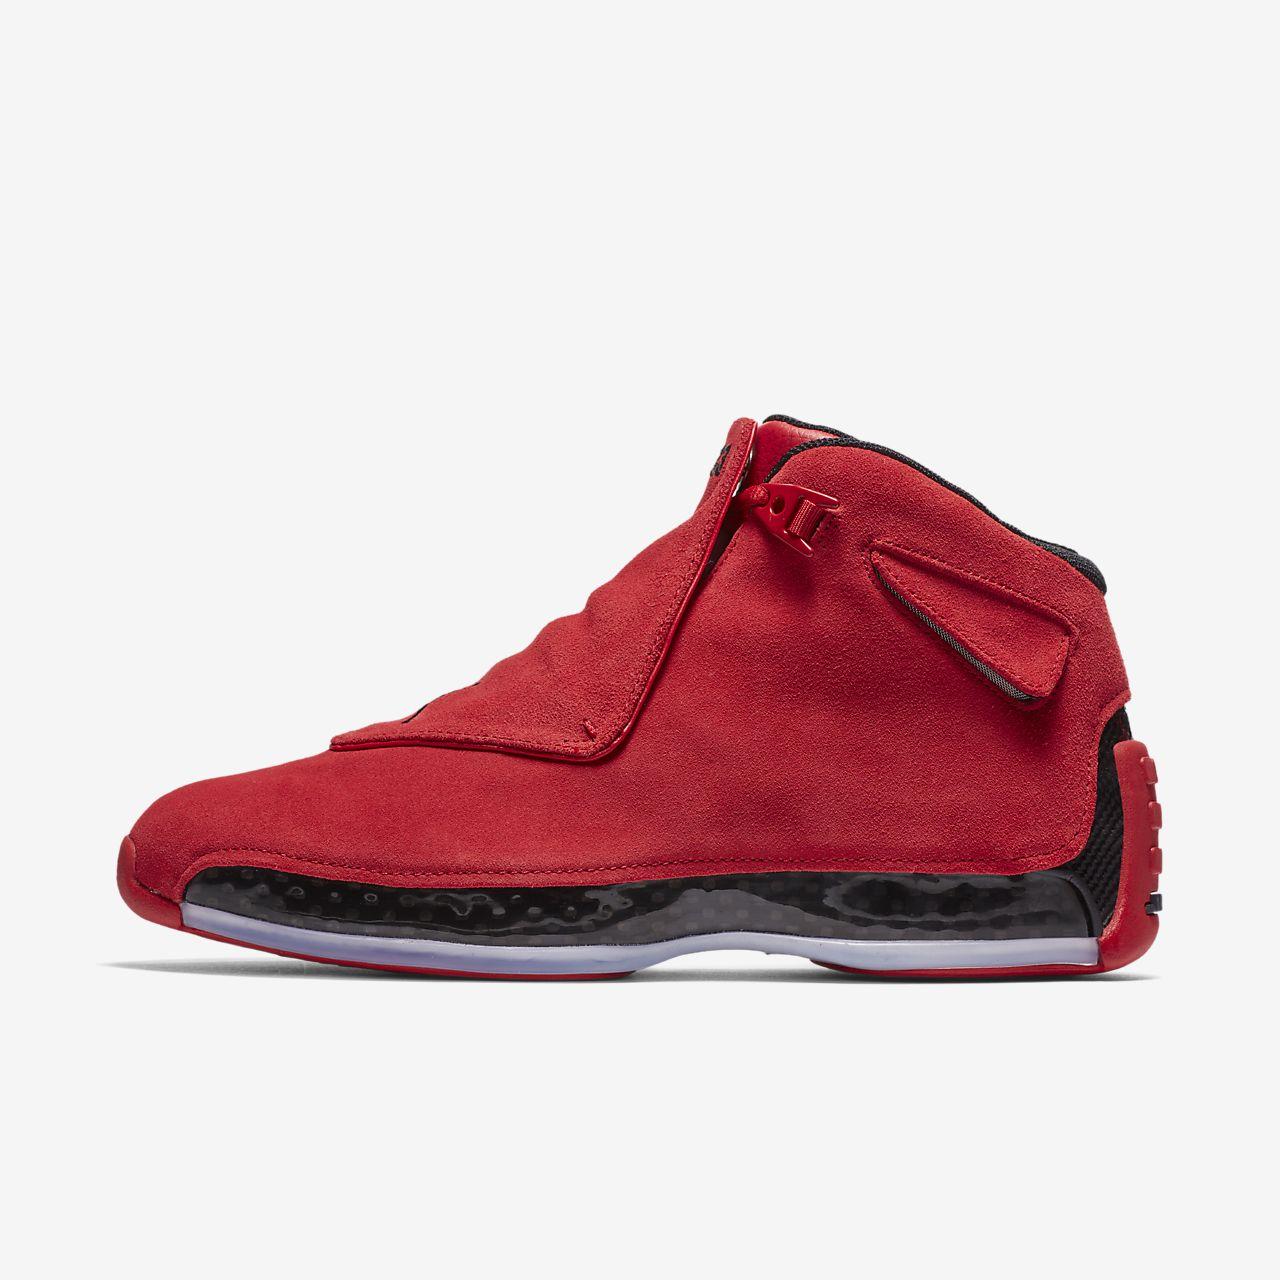 รองเท้าผู้ชาย Air Jordan 18 Retro